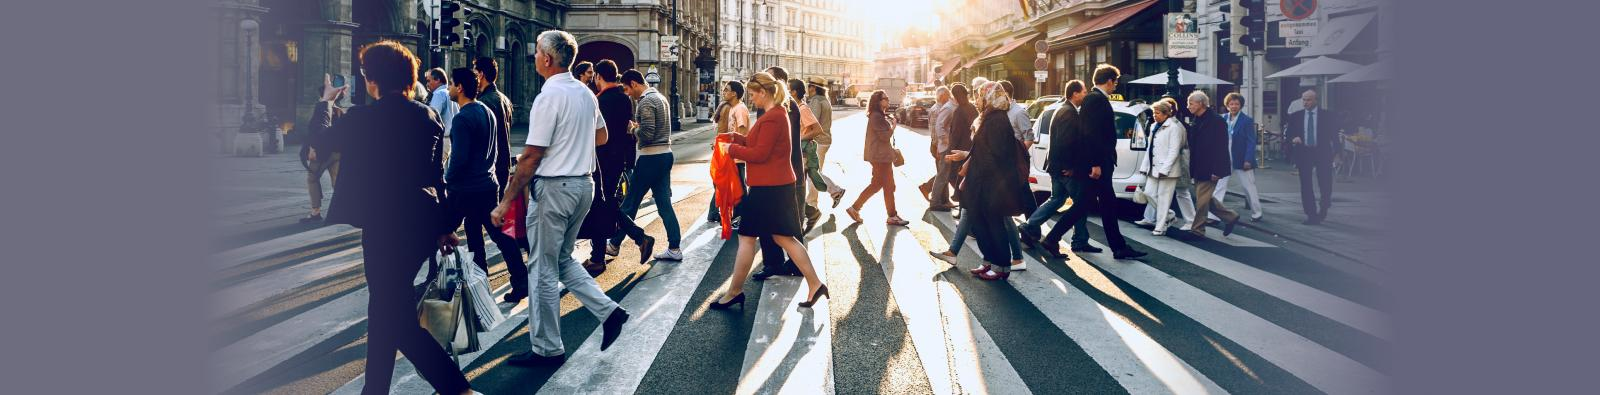 Управление демографическими процессами